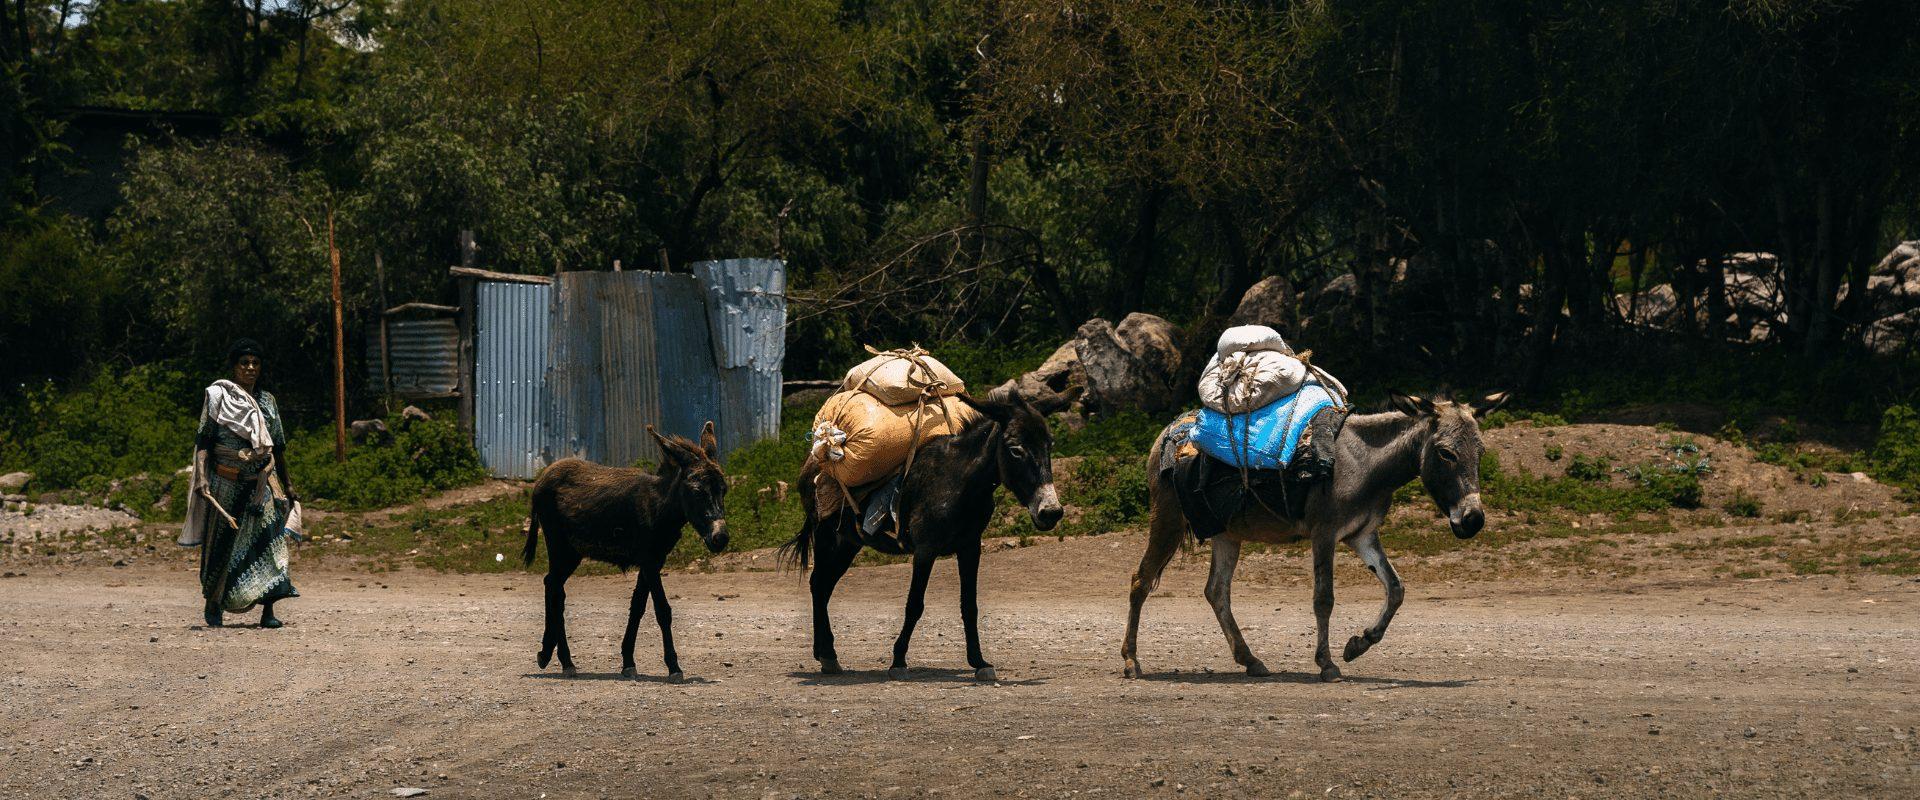 Gründe für eine Reise nach Äthiopien